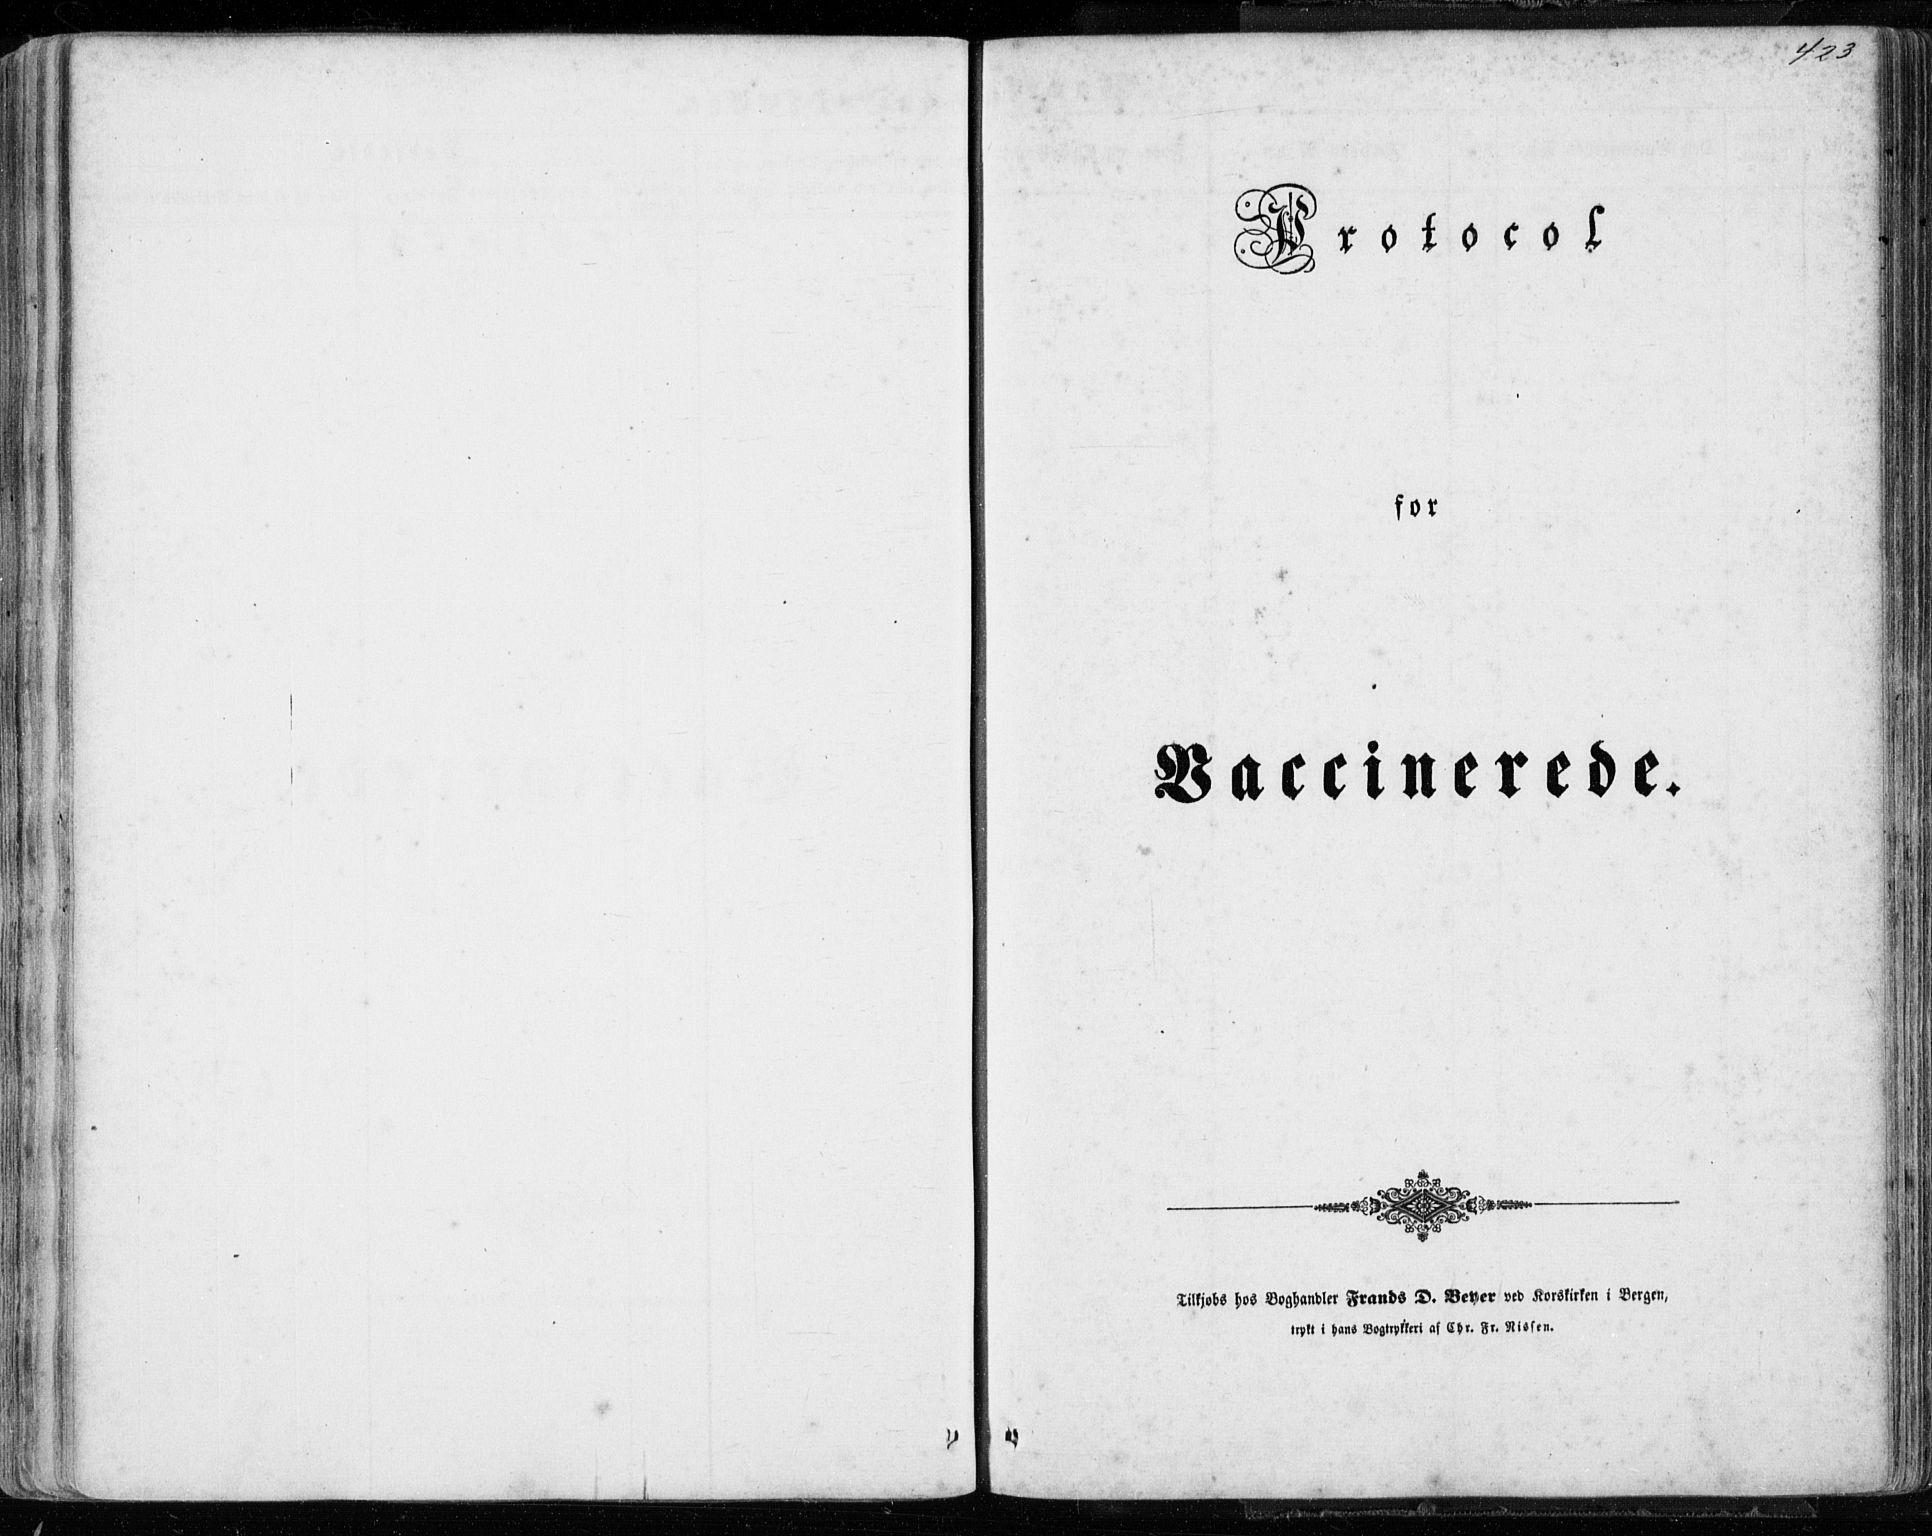 SAB, Hamre sokneprestembete, H/Ha/Haa/Haaa/L0014: Ministerialbok nr. A 14, 1858-1872, s. 423